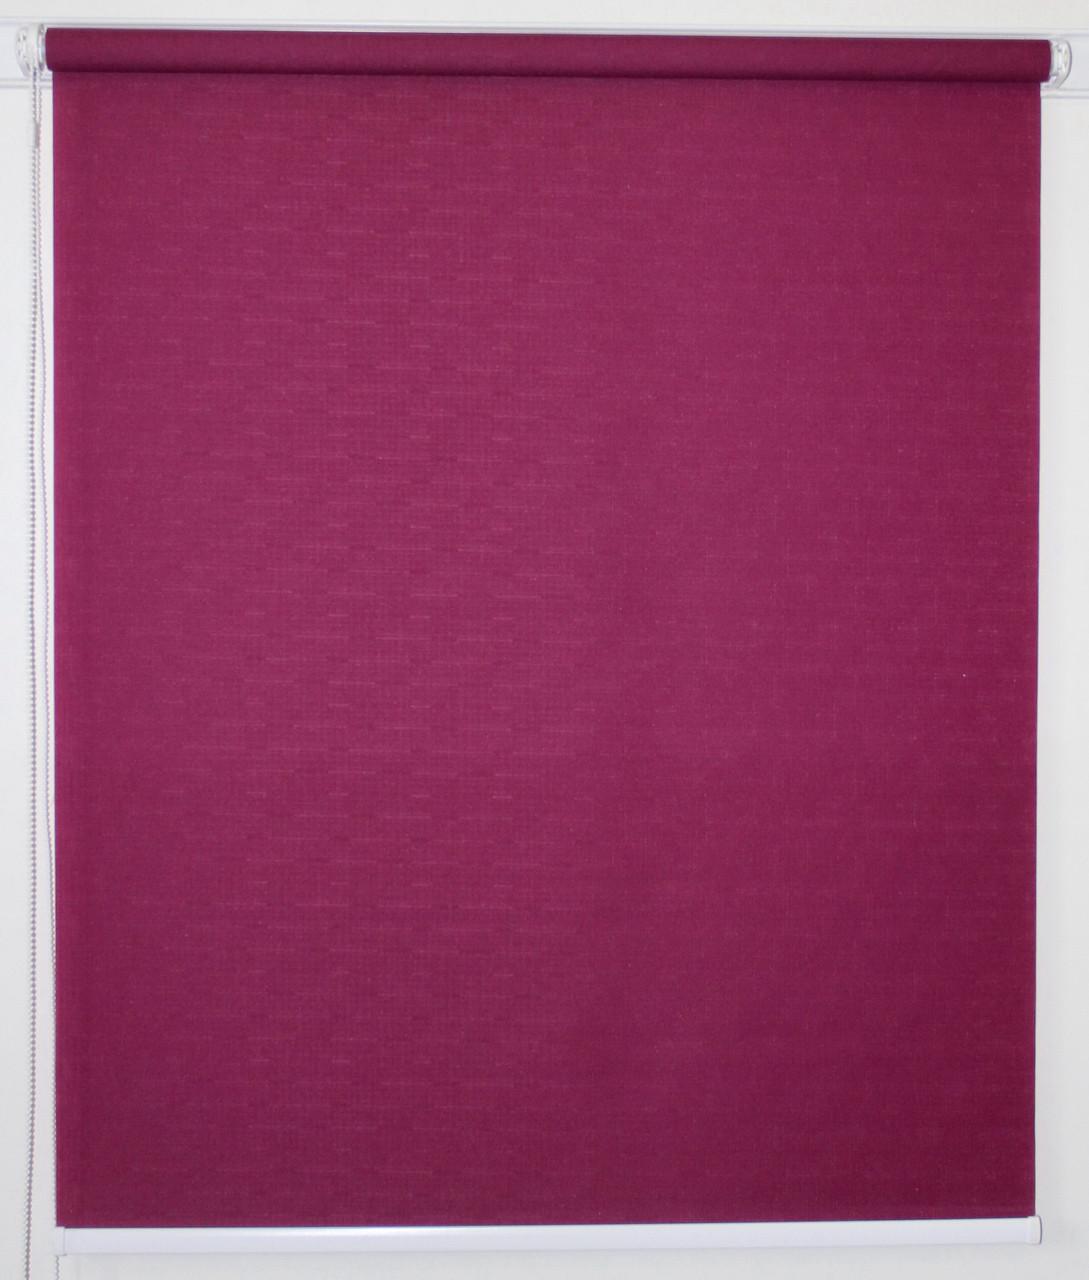 Рулонная штора 750*1500 Лён 7446 Пурпурно-красный